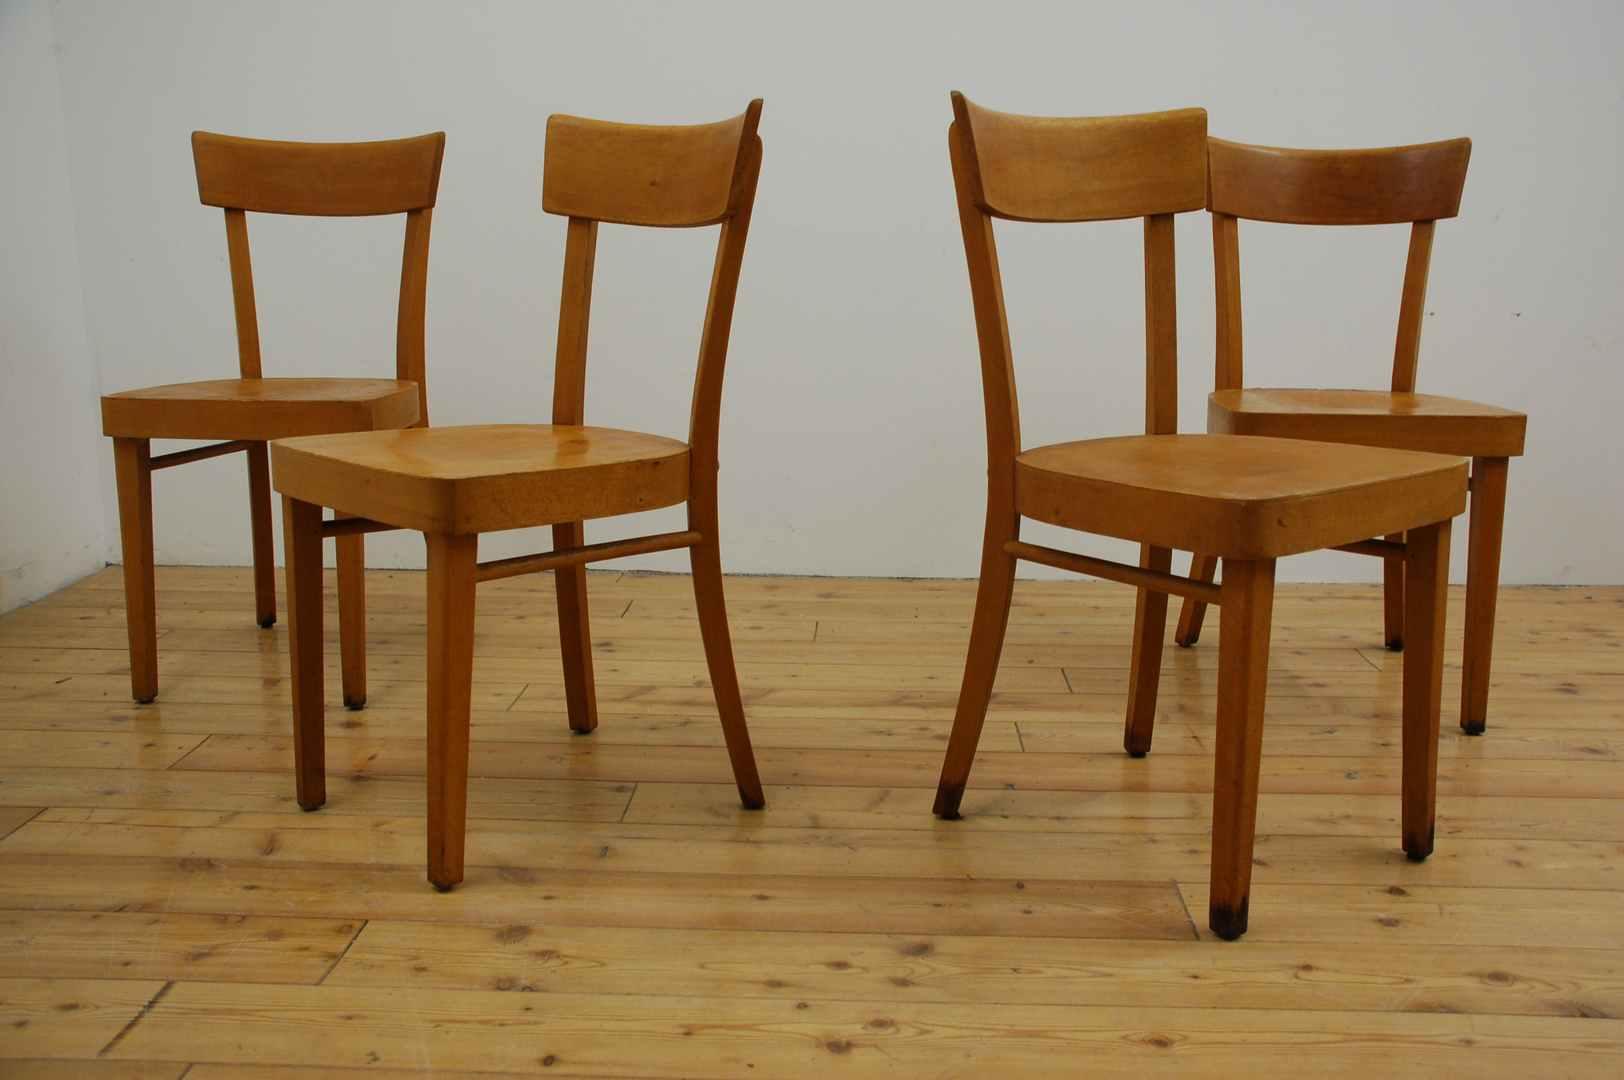 Frankfurter Stuhl Buche Holz gebraucht antik vintage alt gebraucht 1950 1960